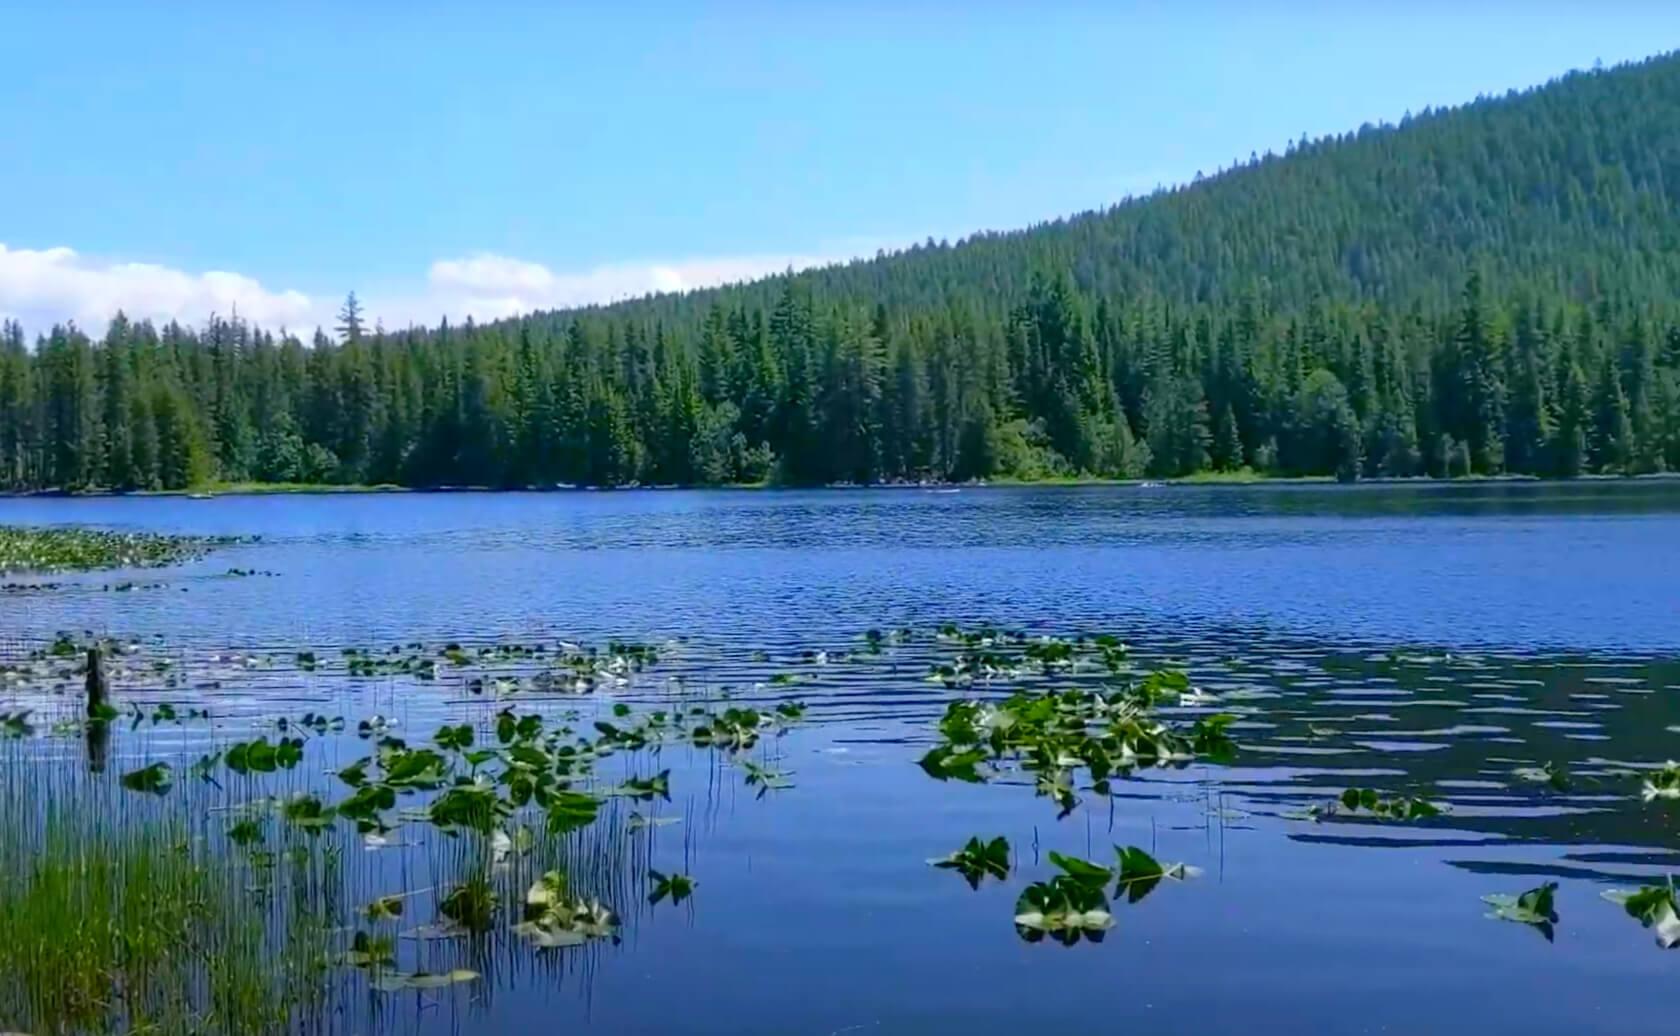 Trillium-Lake-fishing-guide-report-Oregon-04